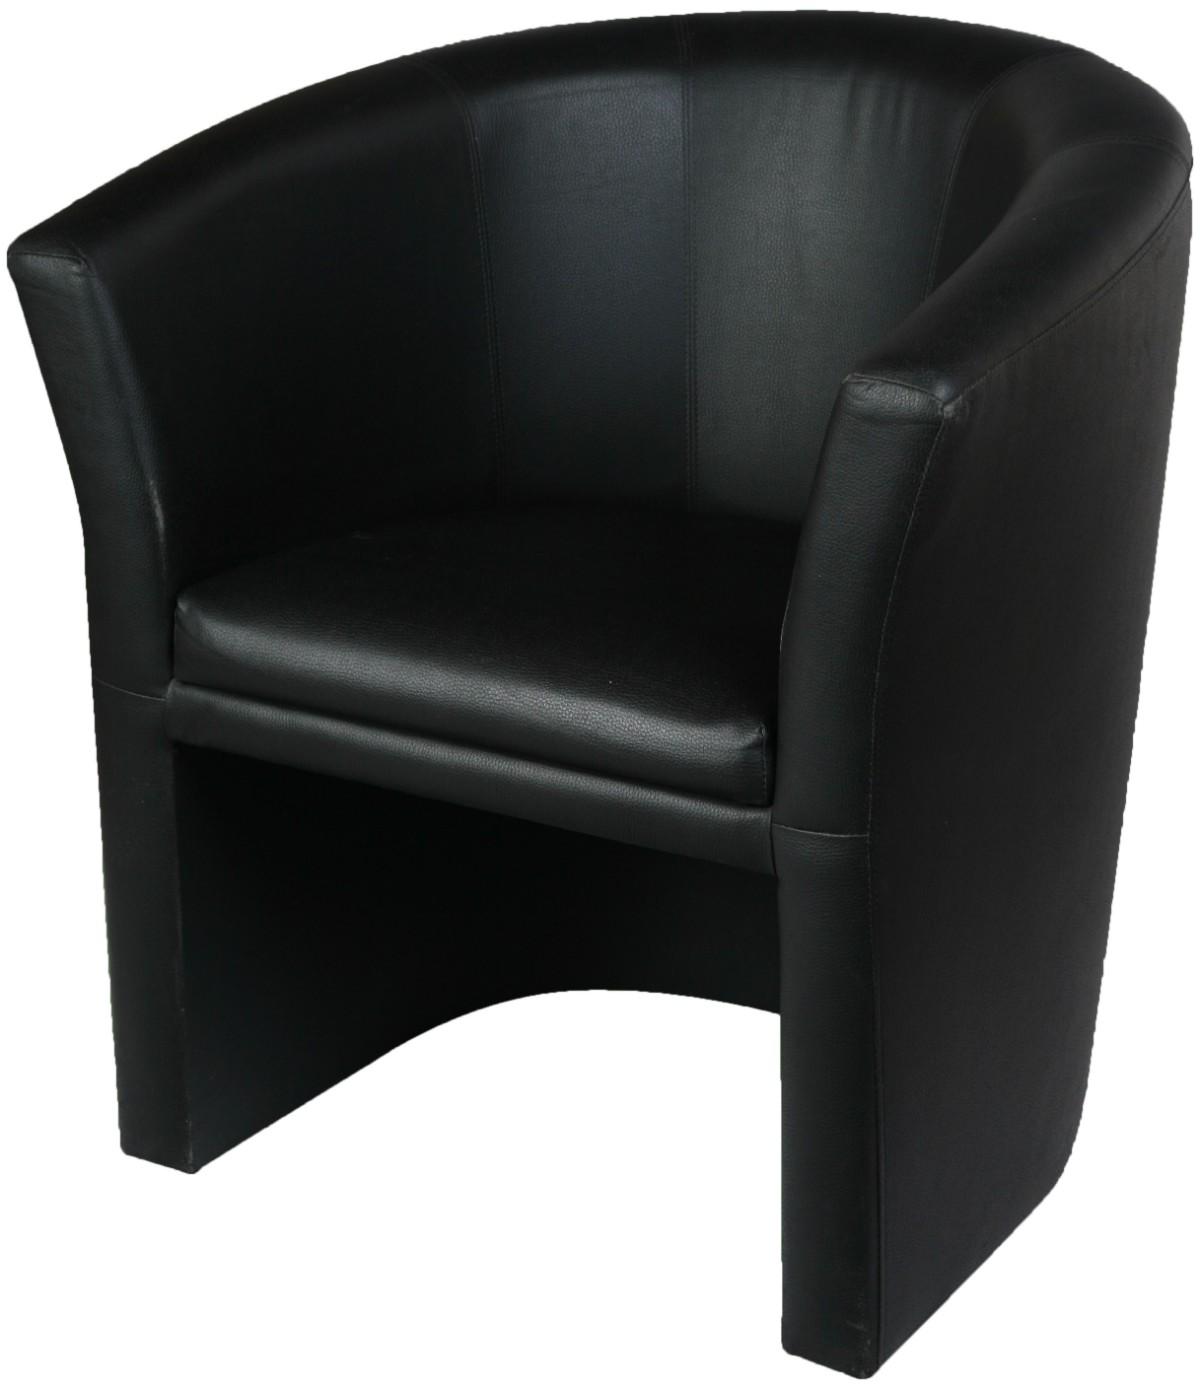 MINIT tárgyaló fotel